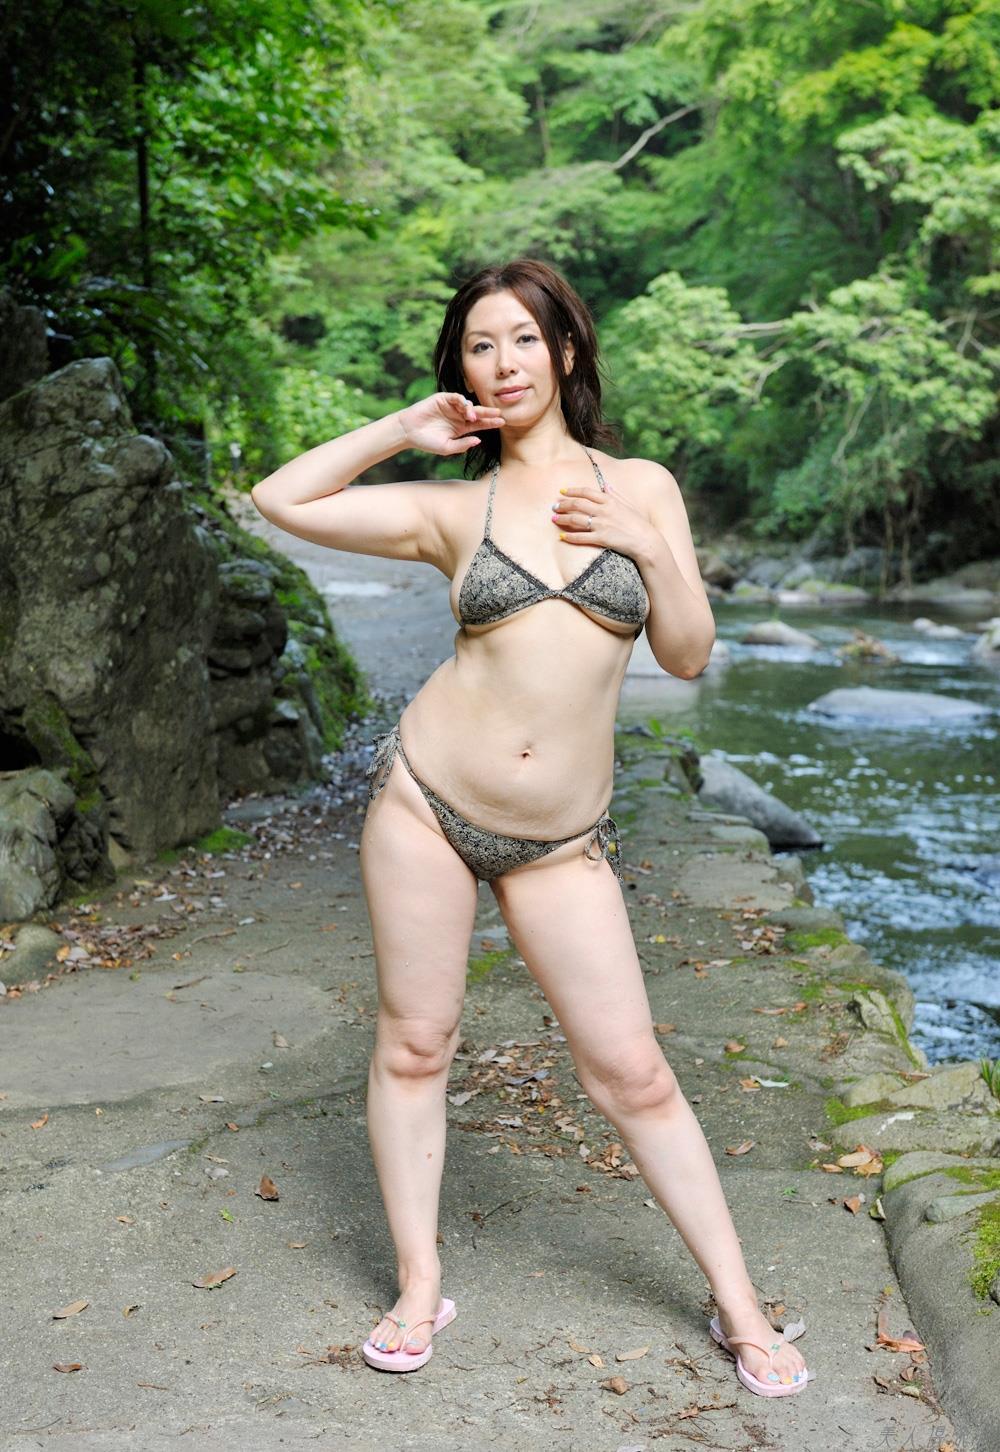 40歳以上のオバハンじゃない美熟女のAVが大好き! [転載禁止]©bbspink.comxvideo>1本 fc2>1本 YouTube動画>1本 ->画像>154枚